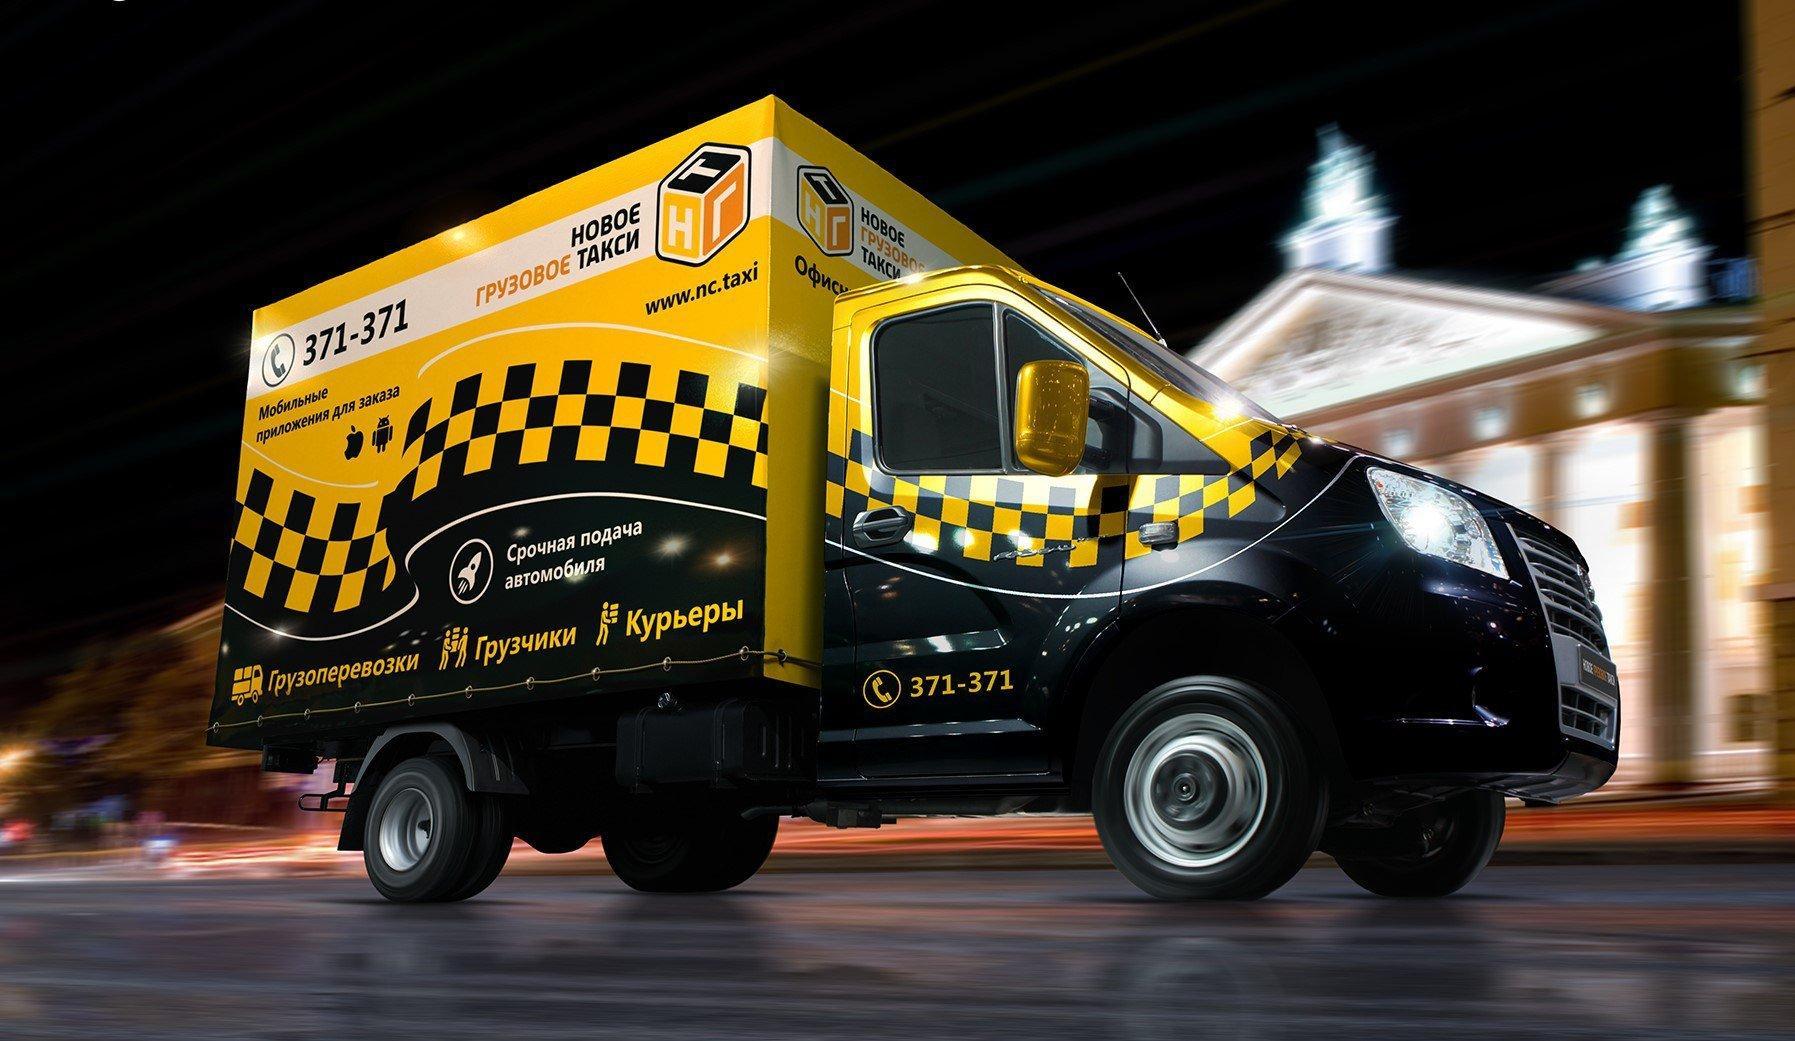 одни самых грузовое такси фото собрала интересные